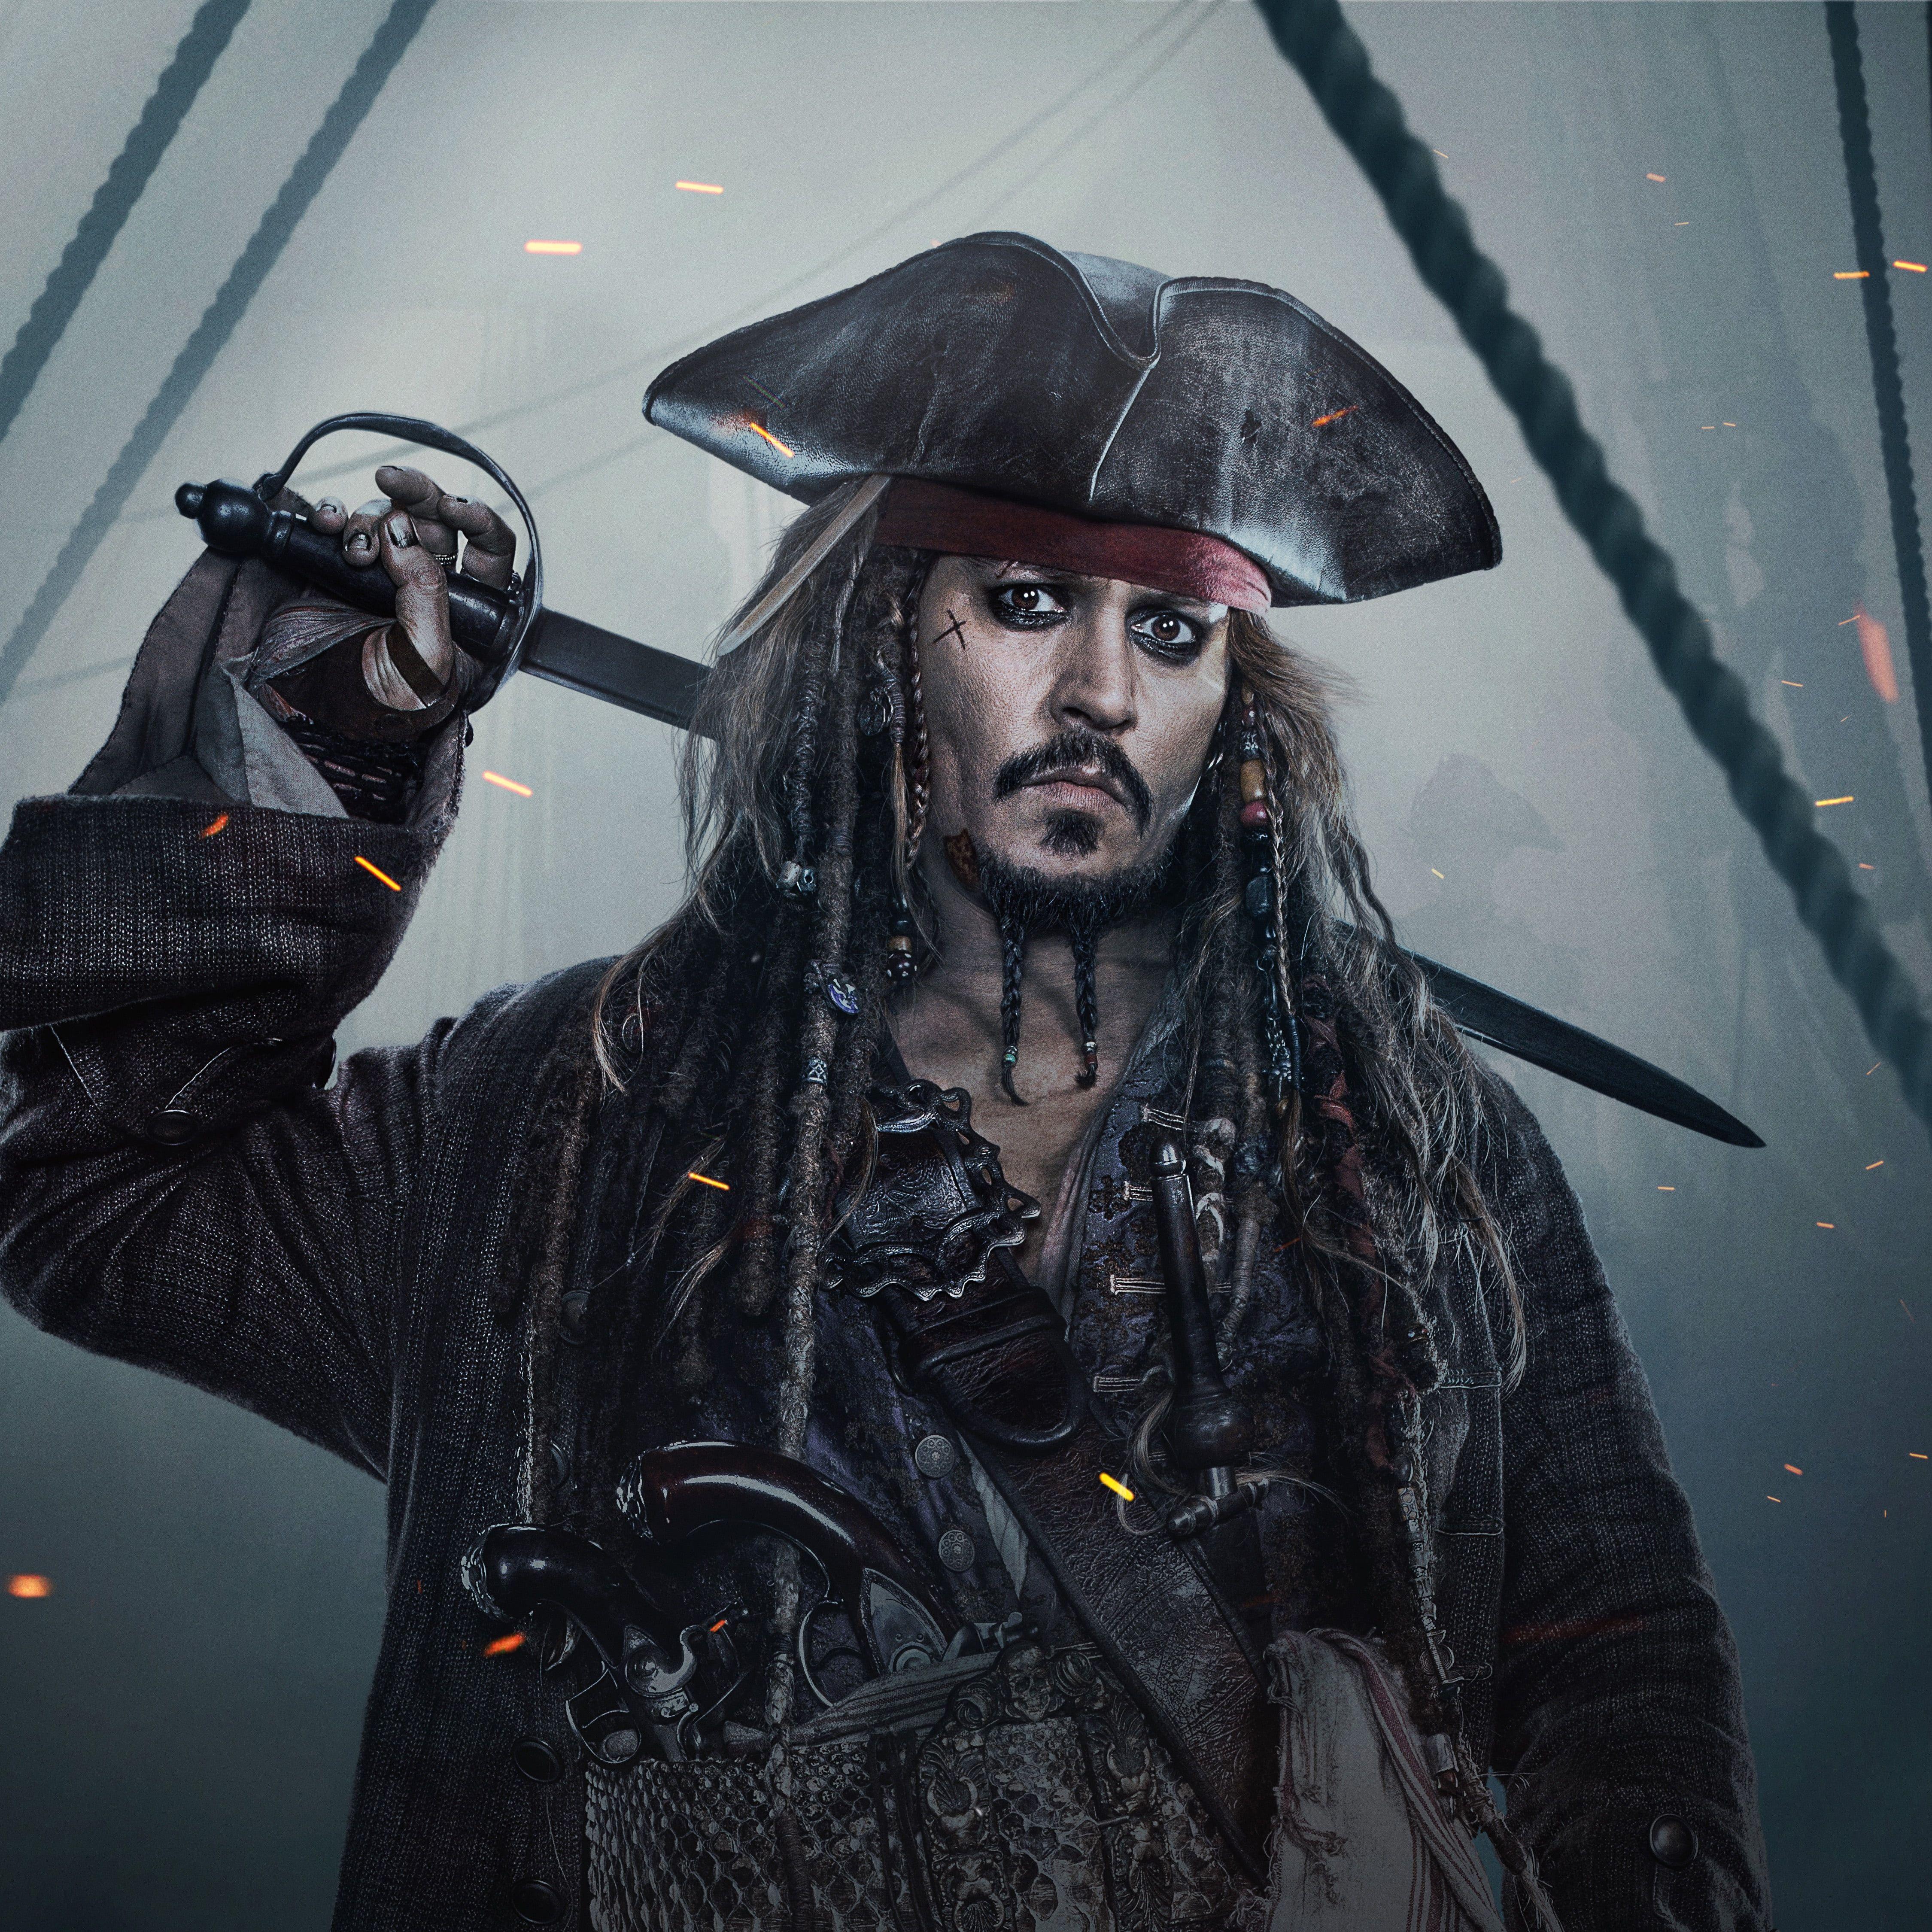 Johnny Depp As Jack Sparrow Wallpaper Fog Johnny Depp Guns Hat Fantasy Sparks Captain Johnny Jack Sparrow Wallpaper Jack Sparrow Pirates Of The Caribbean